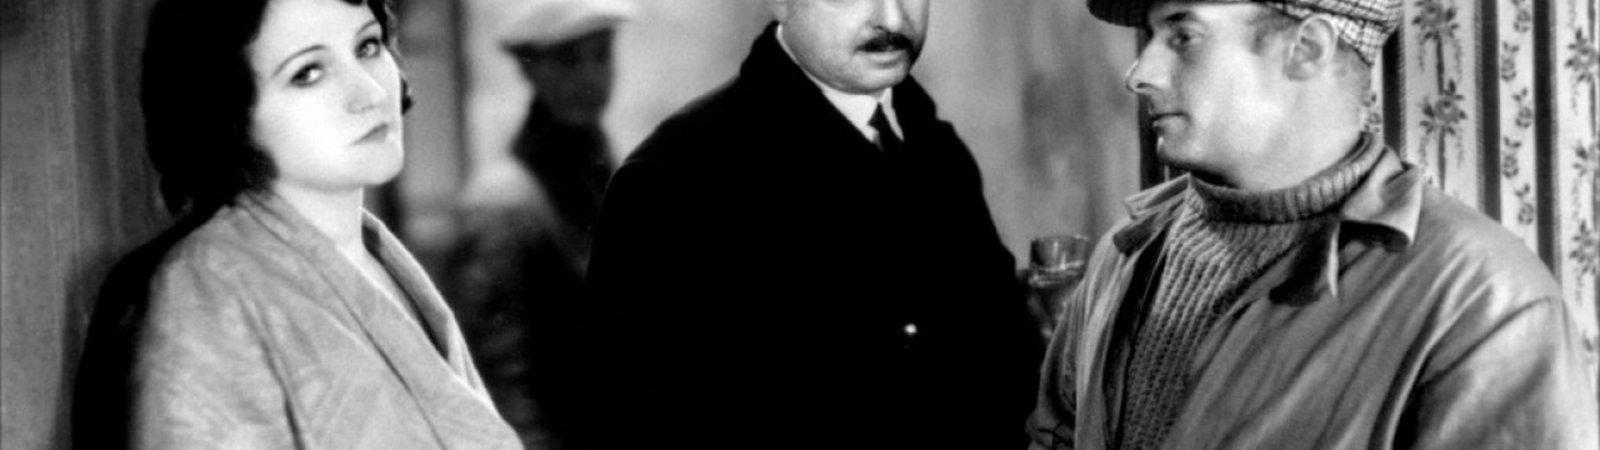 Photo dernier film Kurt Bernhardt